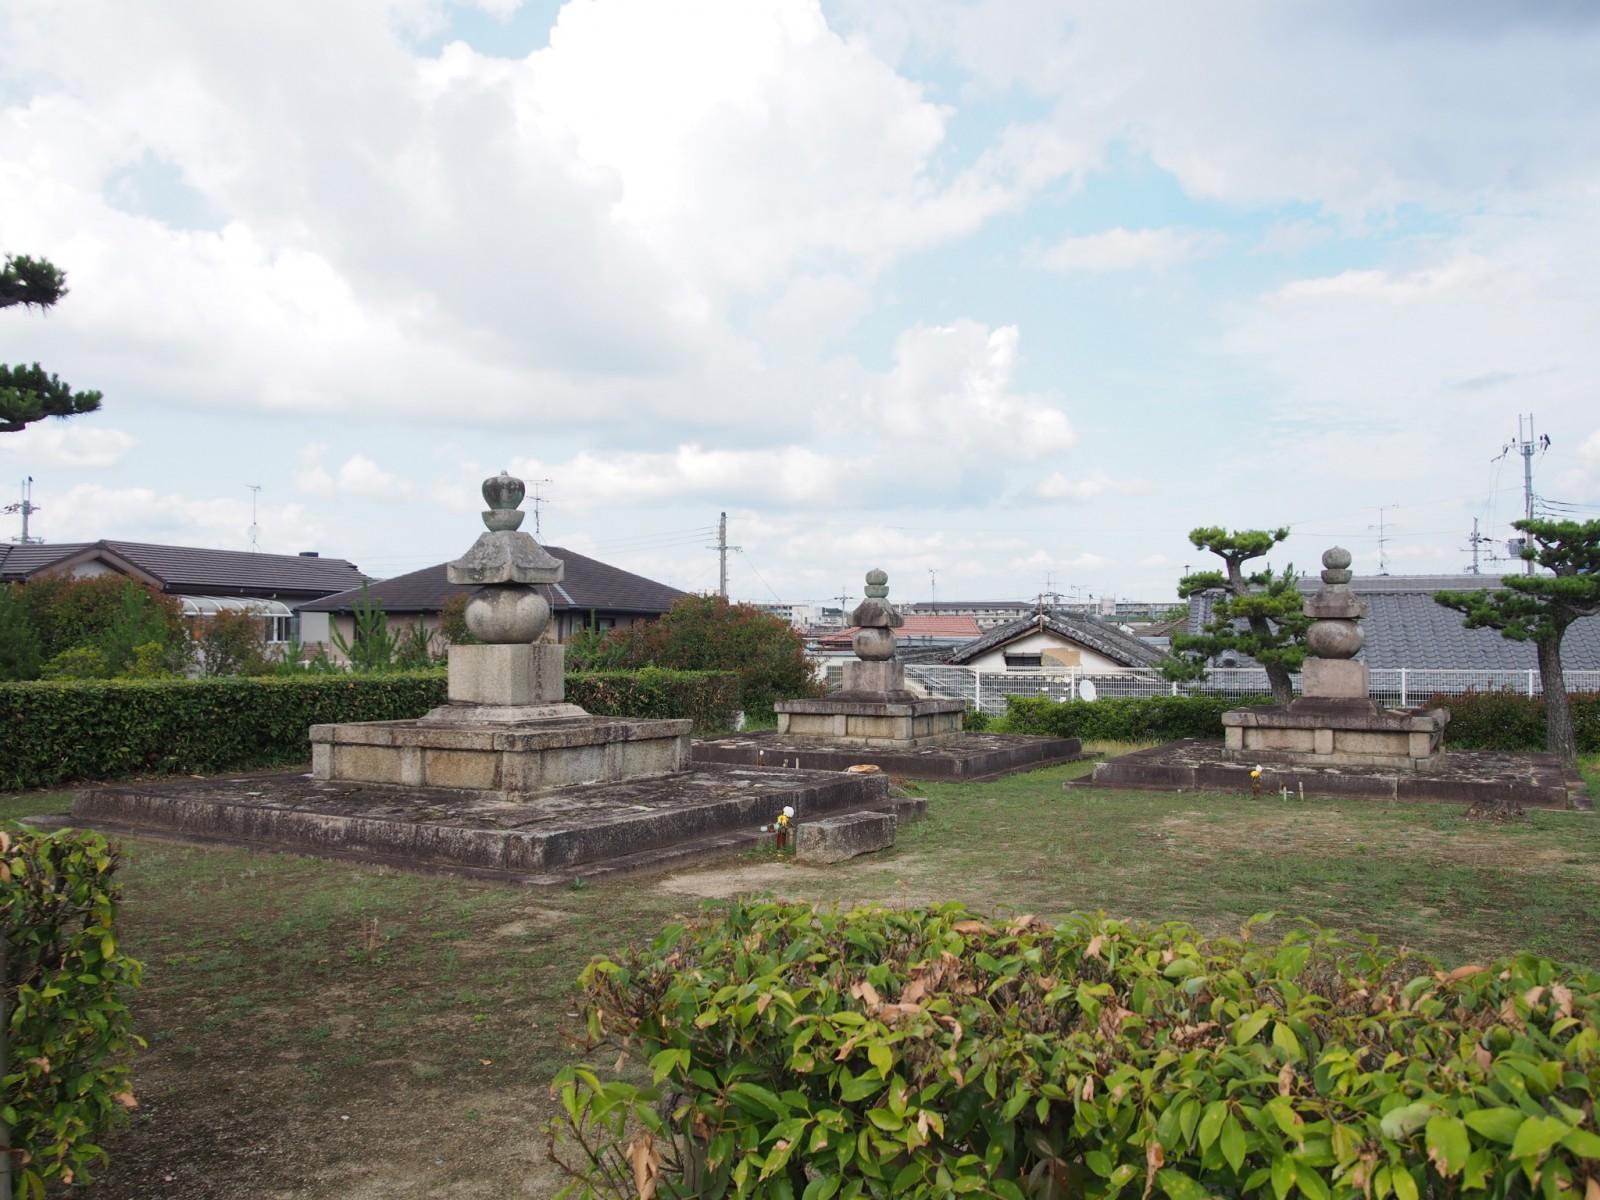 西大寺奥の院境内地に複数ある「長老」たちの五輪塔